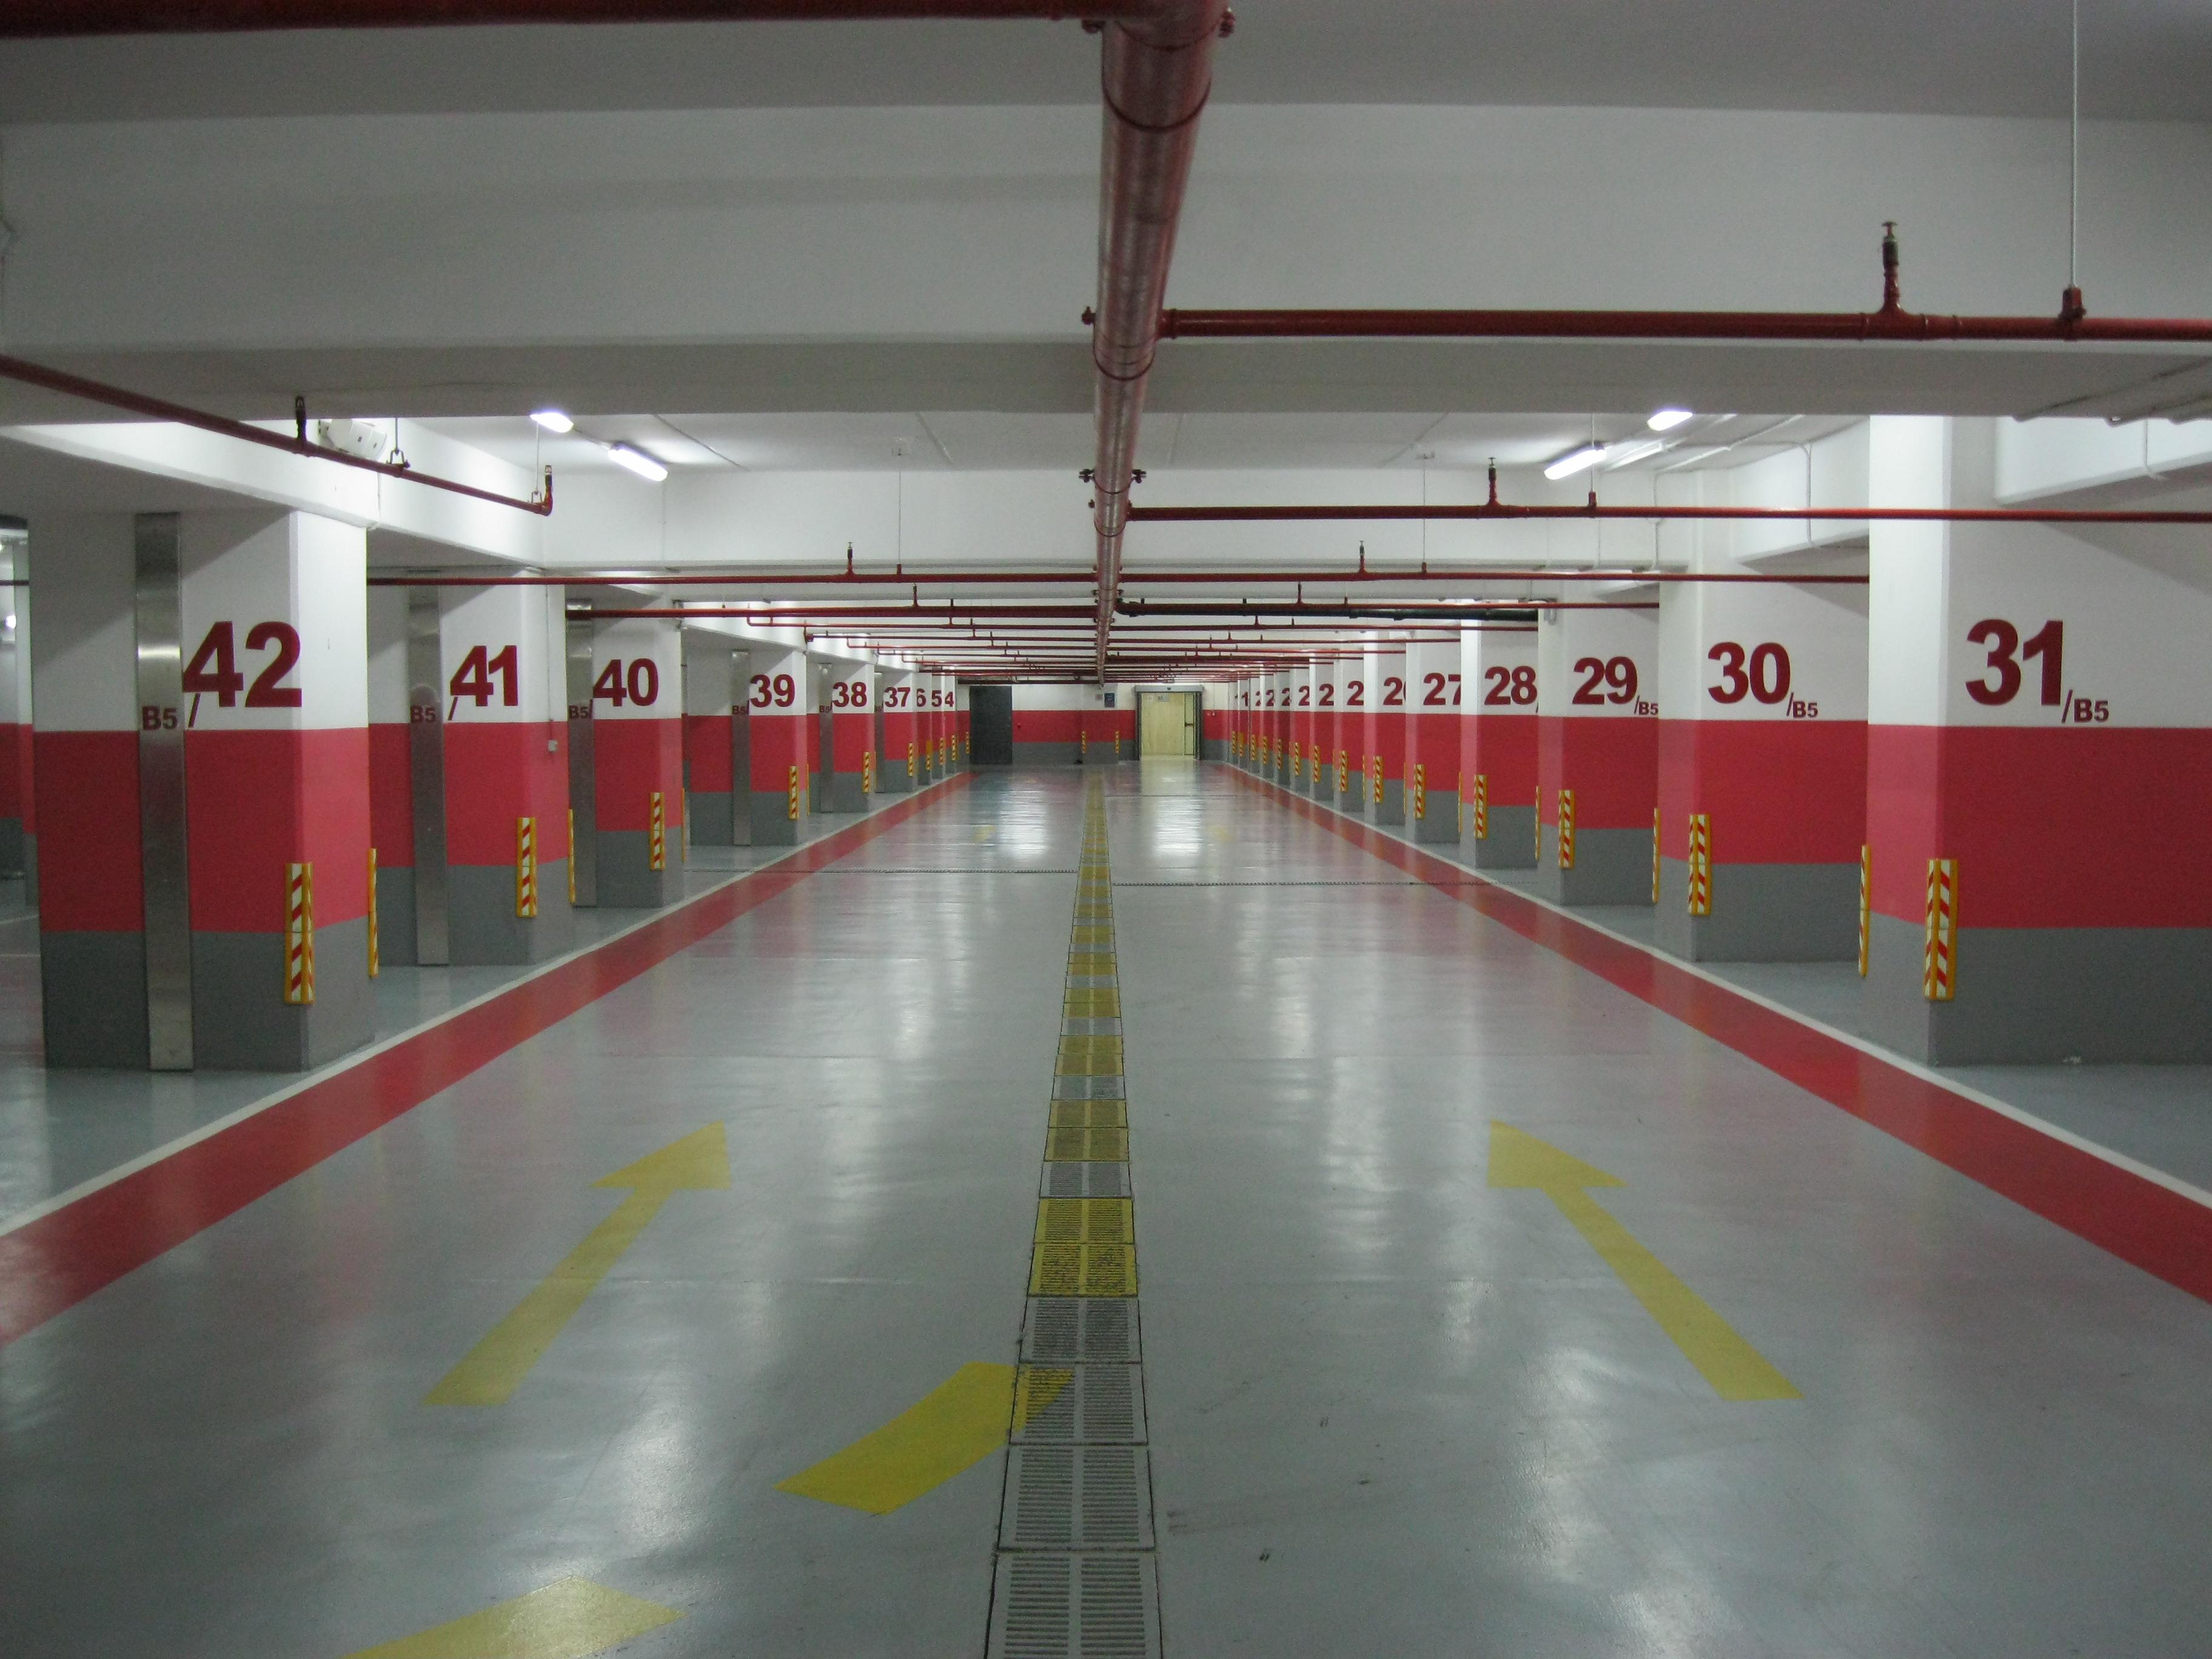 پروژه ی اتوکد پارکینگ طبقاتی